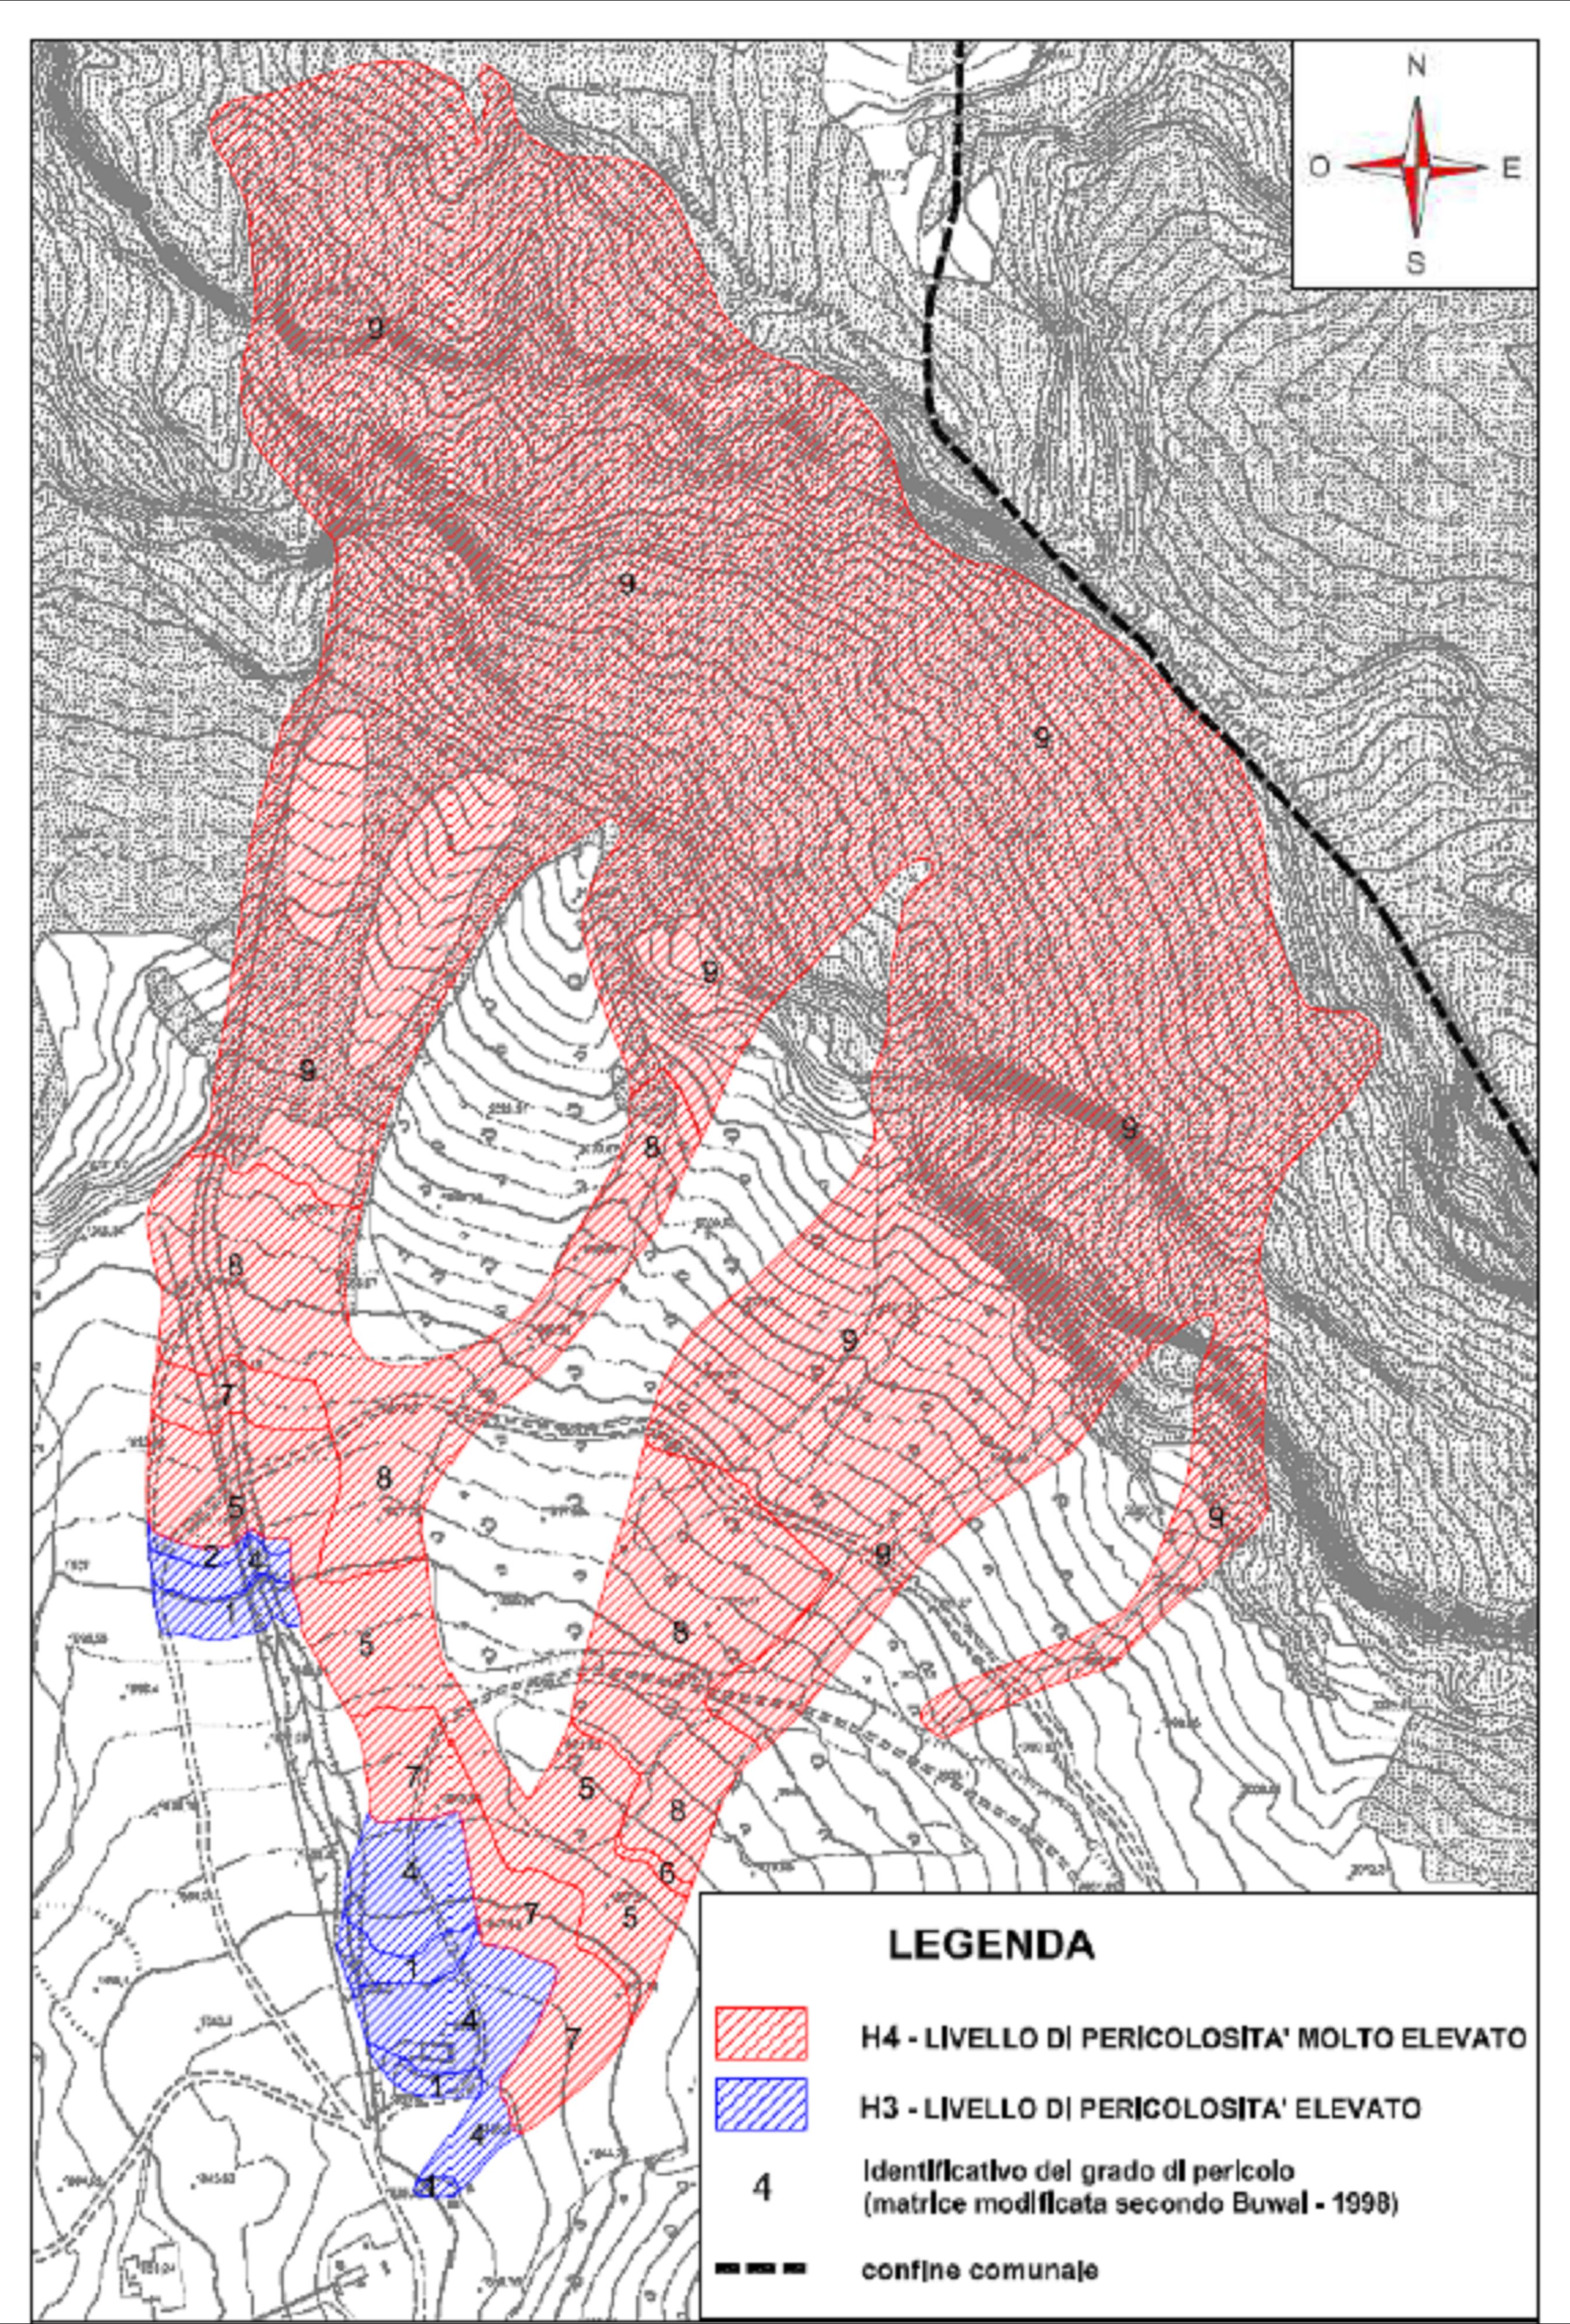 Figura 4 - Esempio di Carta del pericolo di un sito valanghivo per valanghe radenti